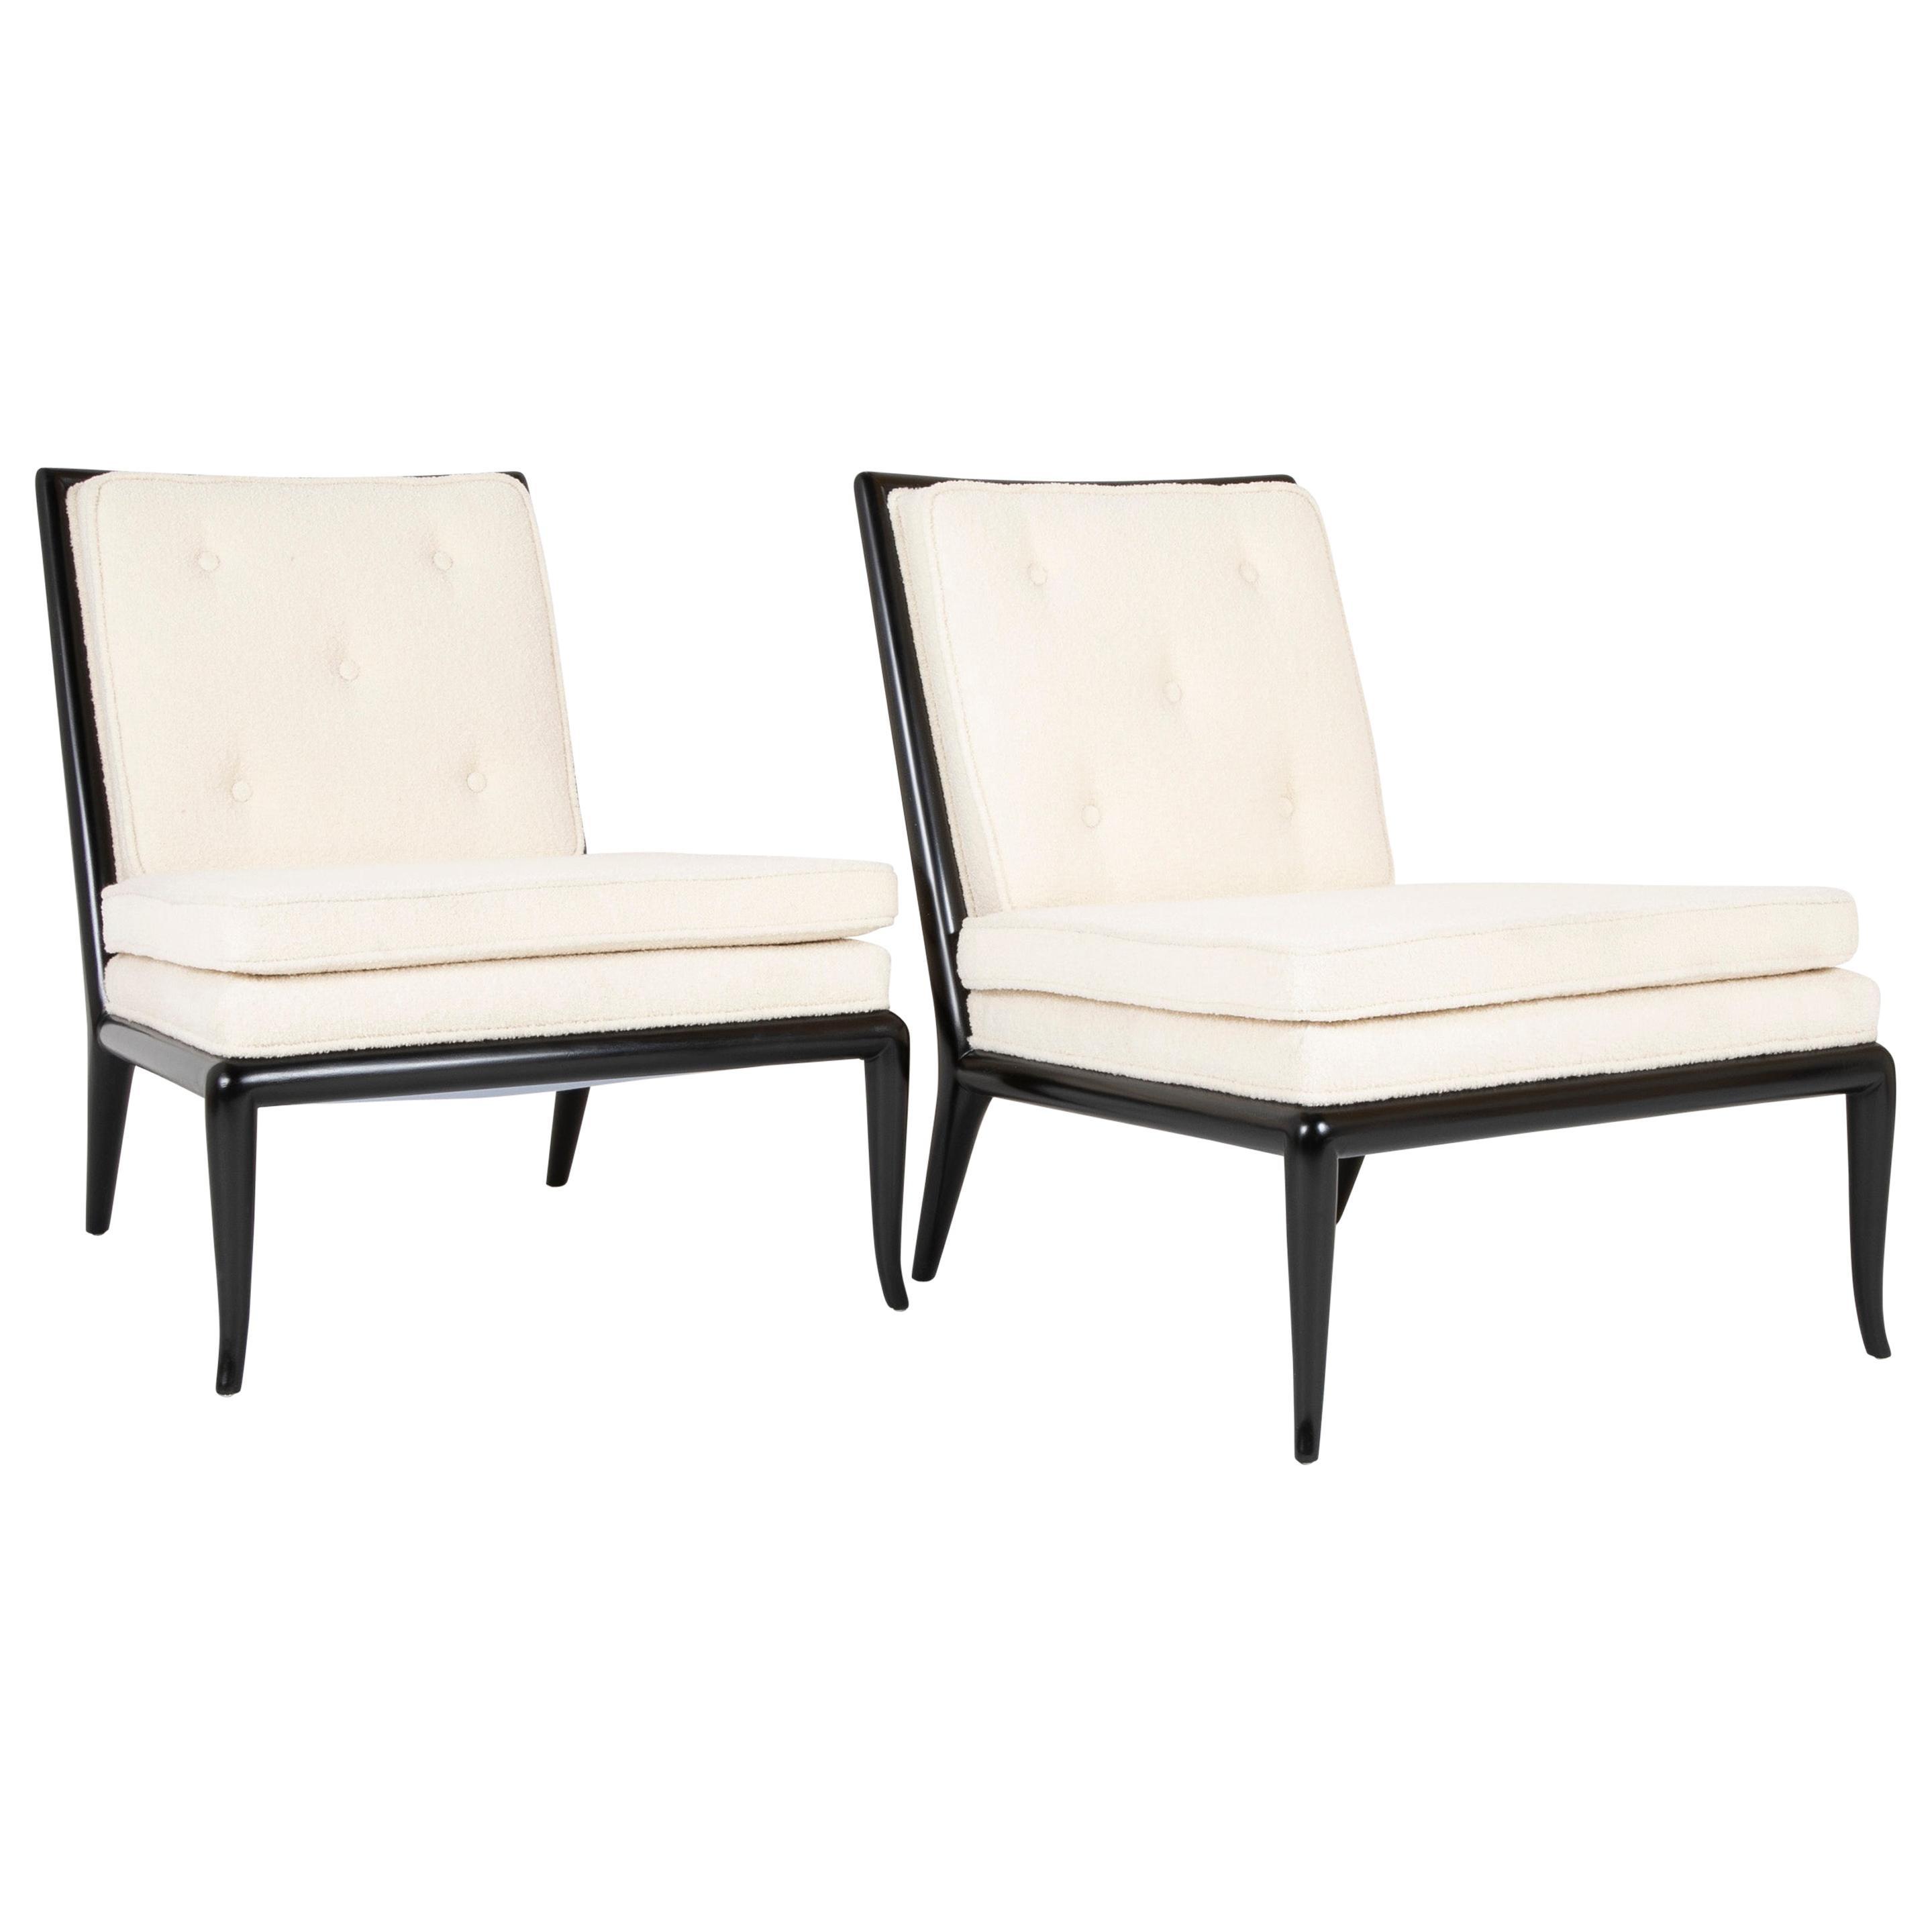 Pair of T.H. Robsjohn-Gibbings Ebonized Slipper Chairs for Widdicomb